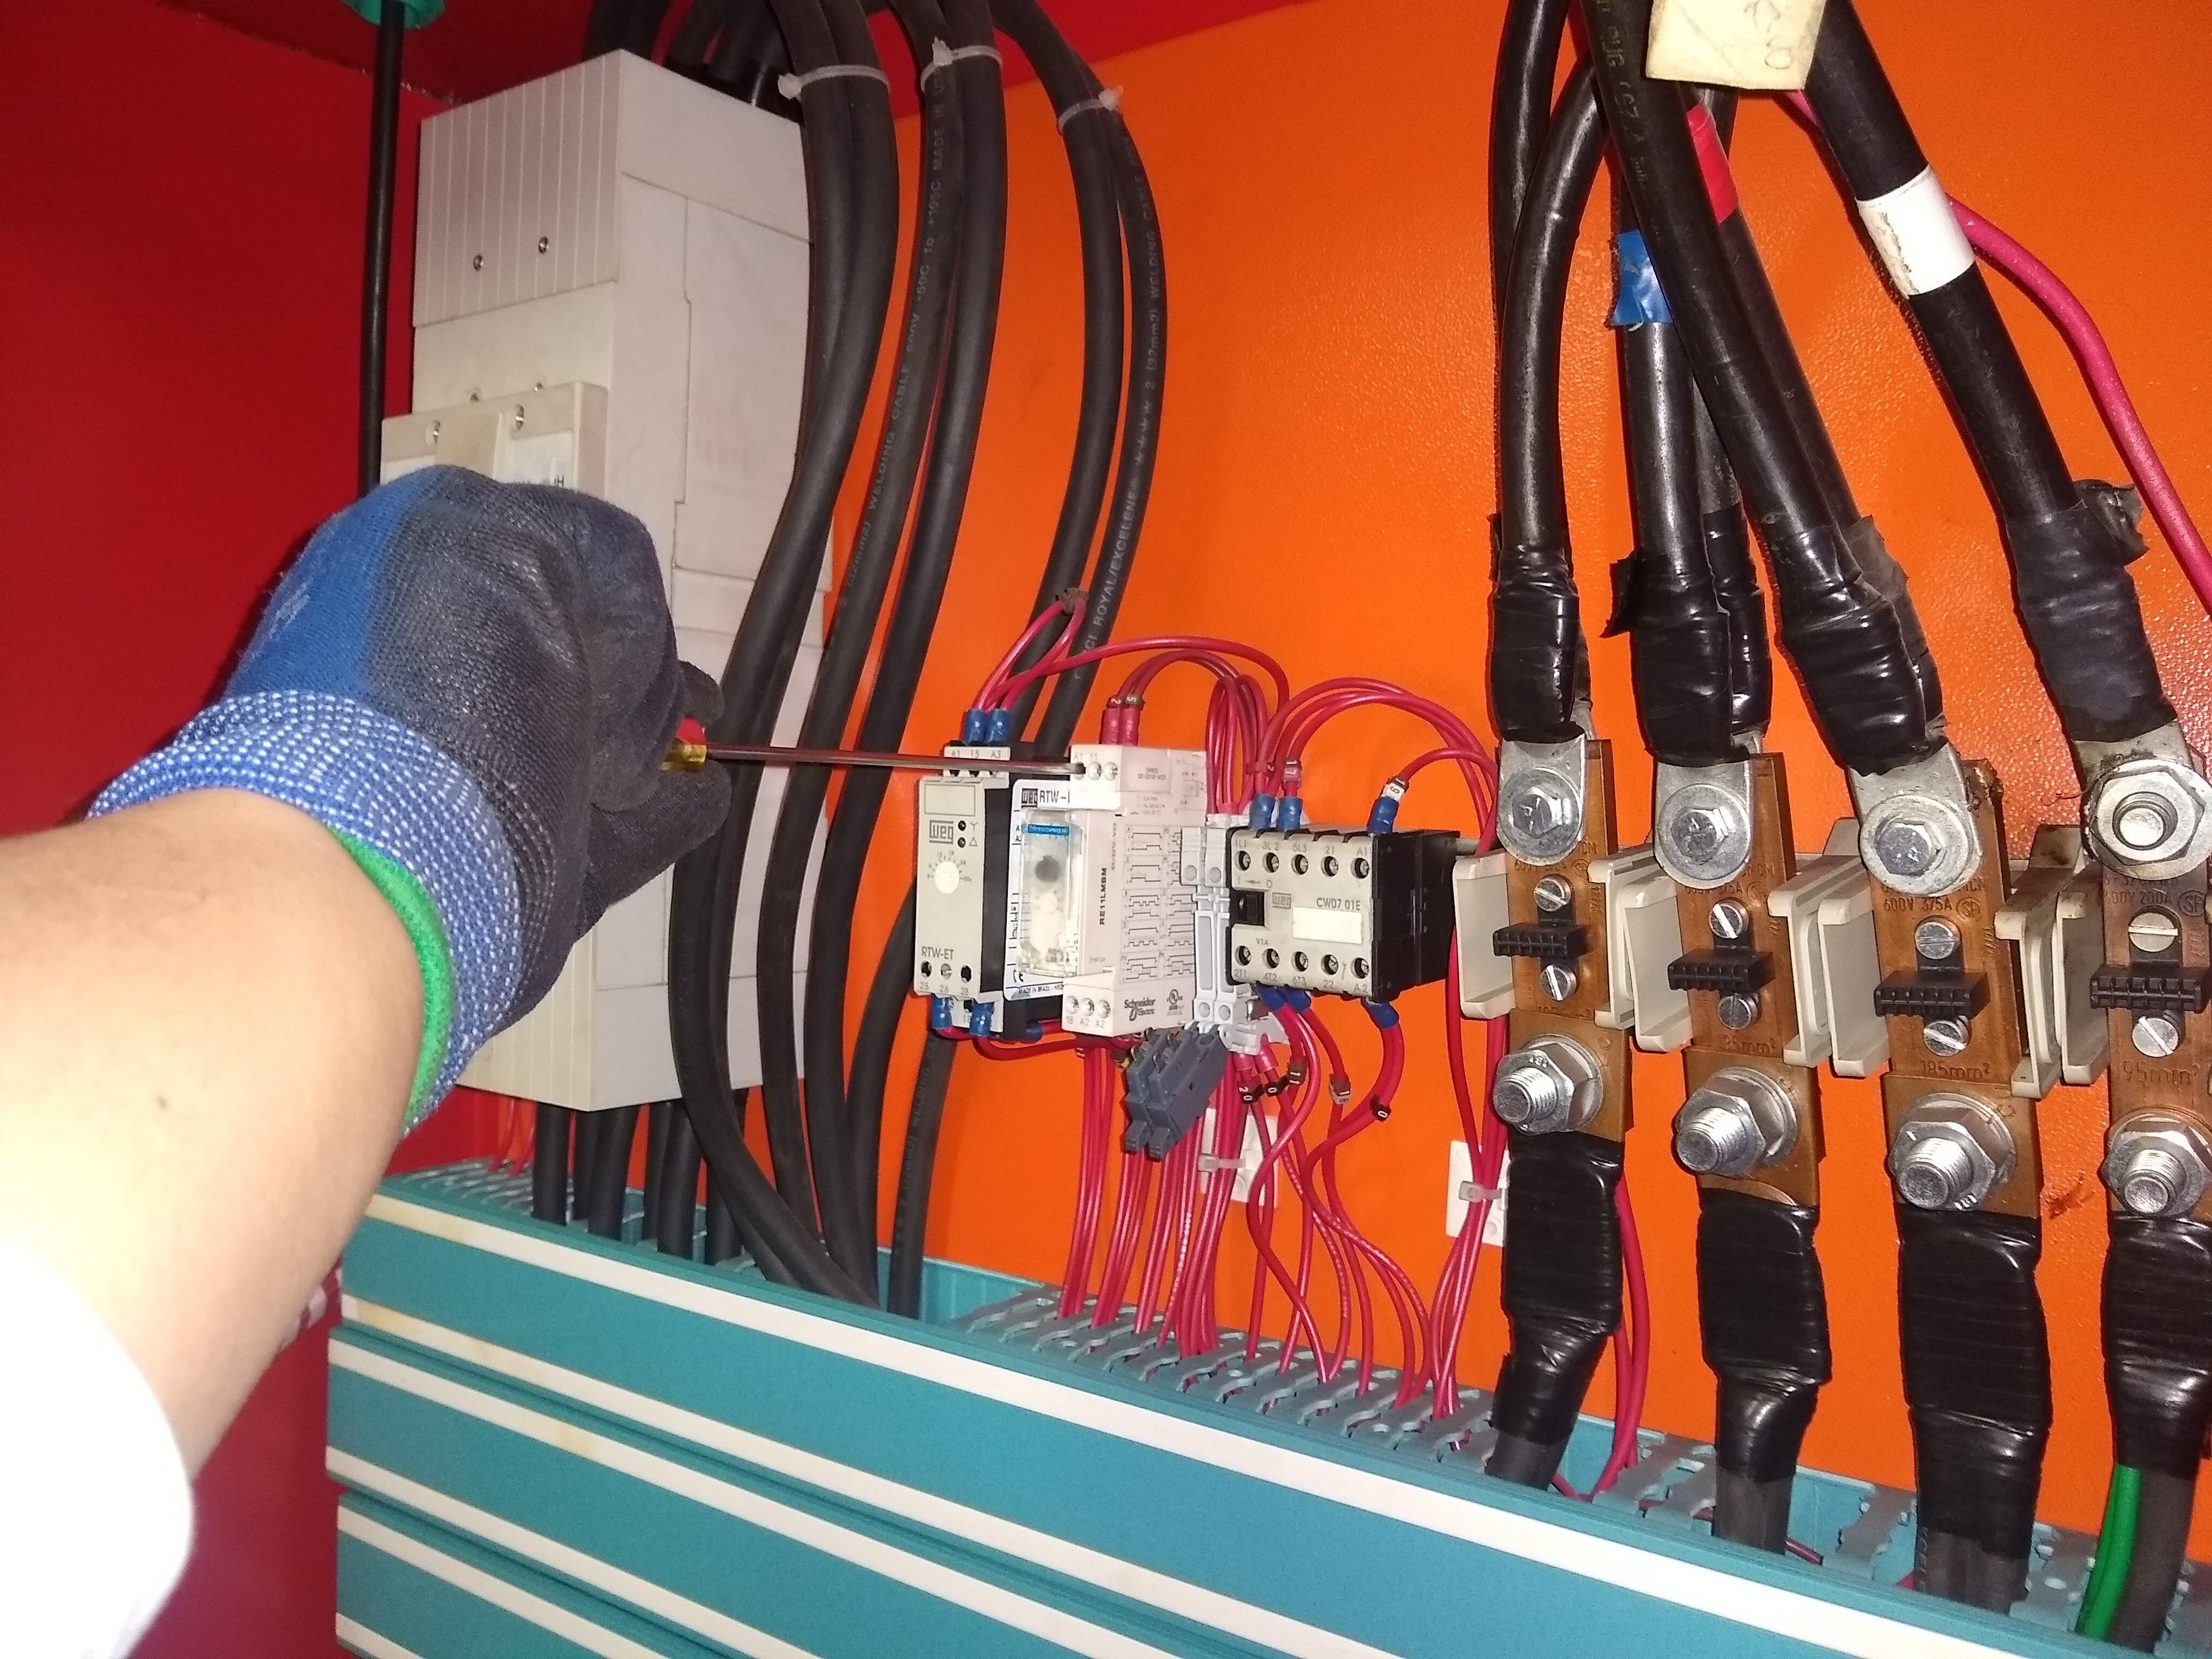 Ajuste de conexiones eléctricas a tableros de control.